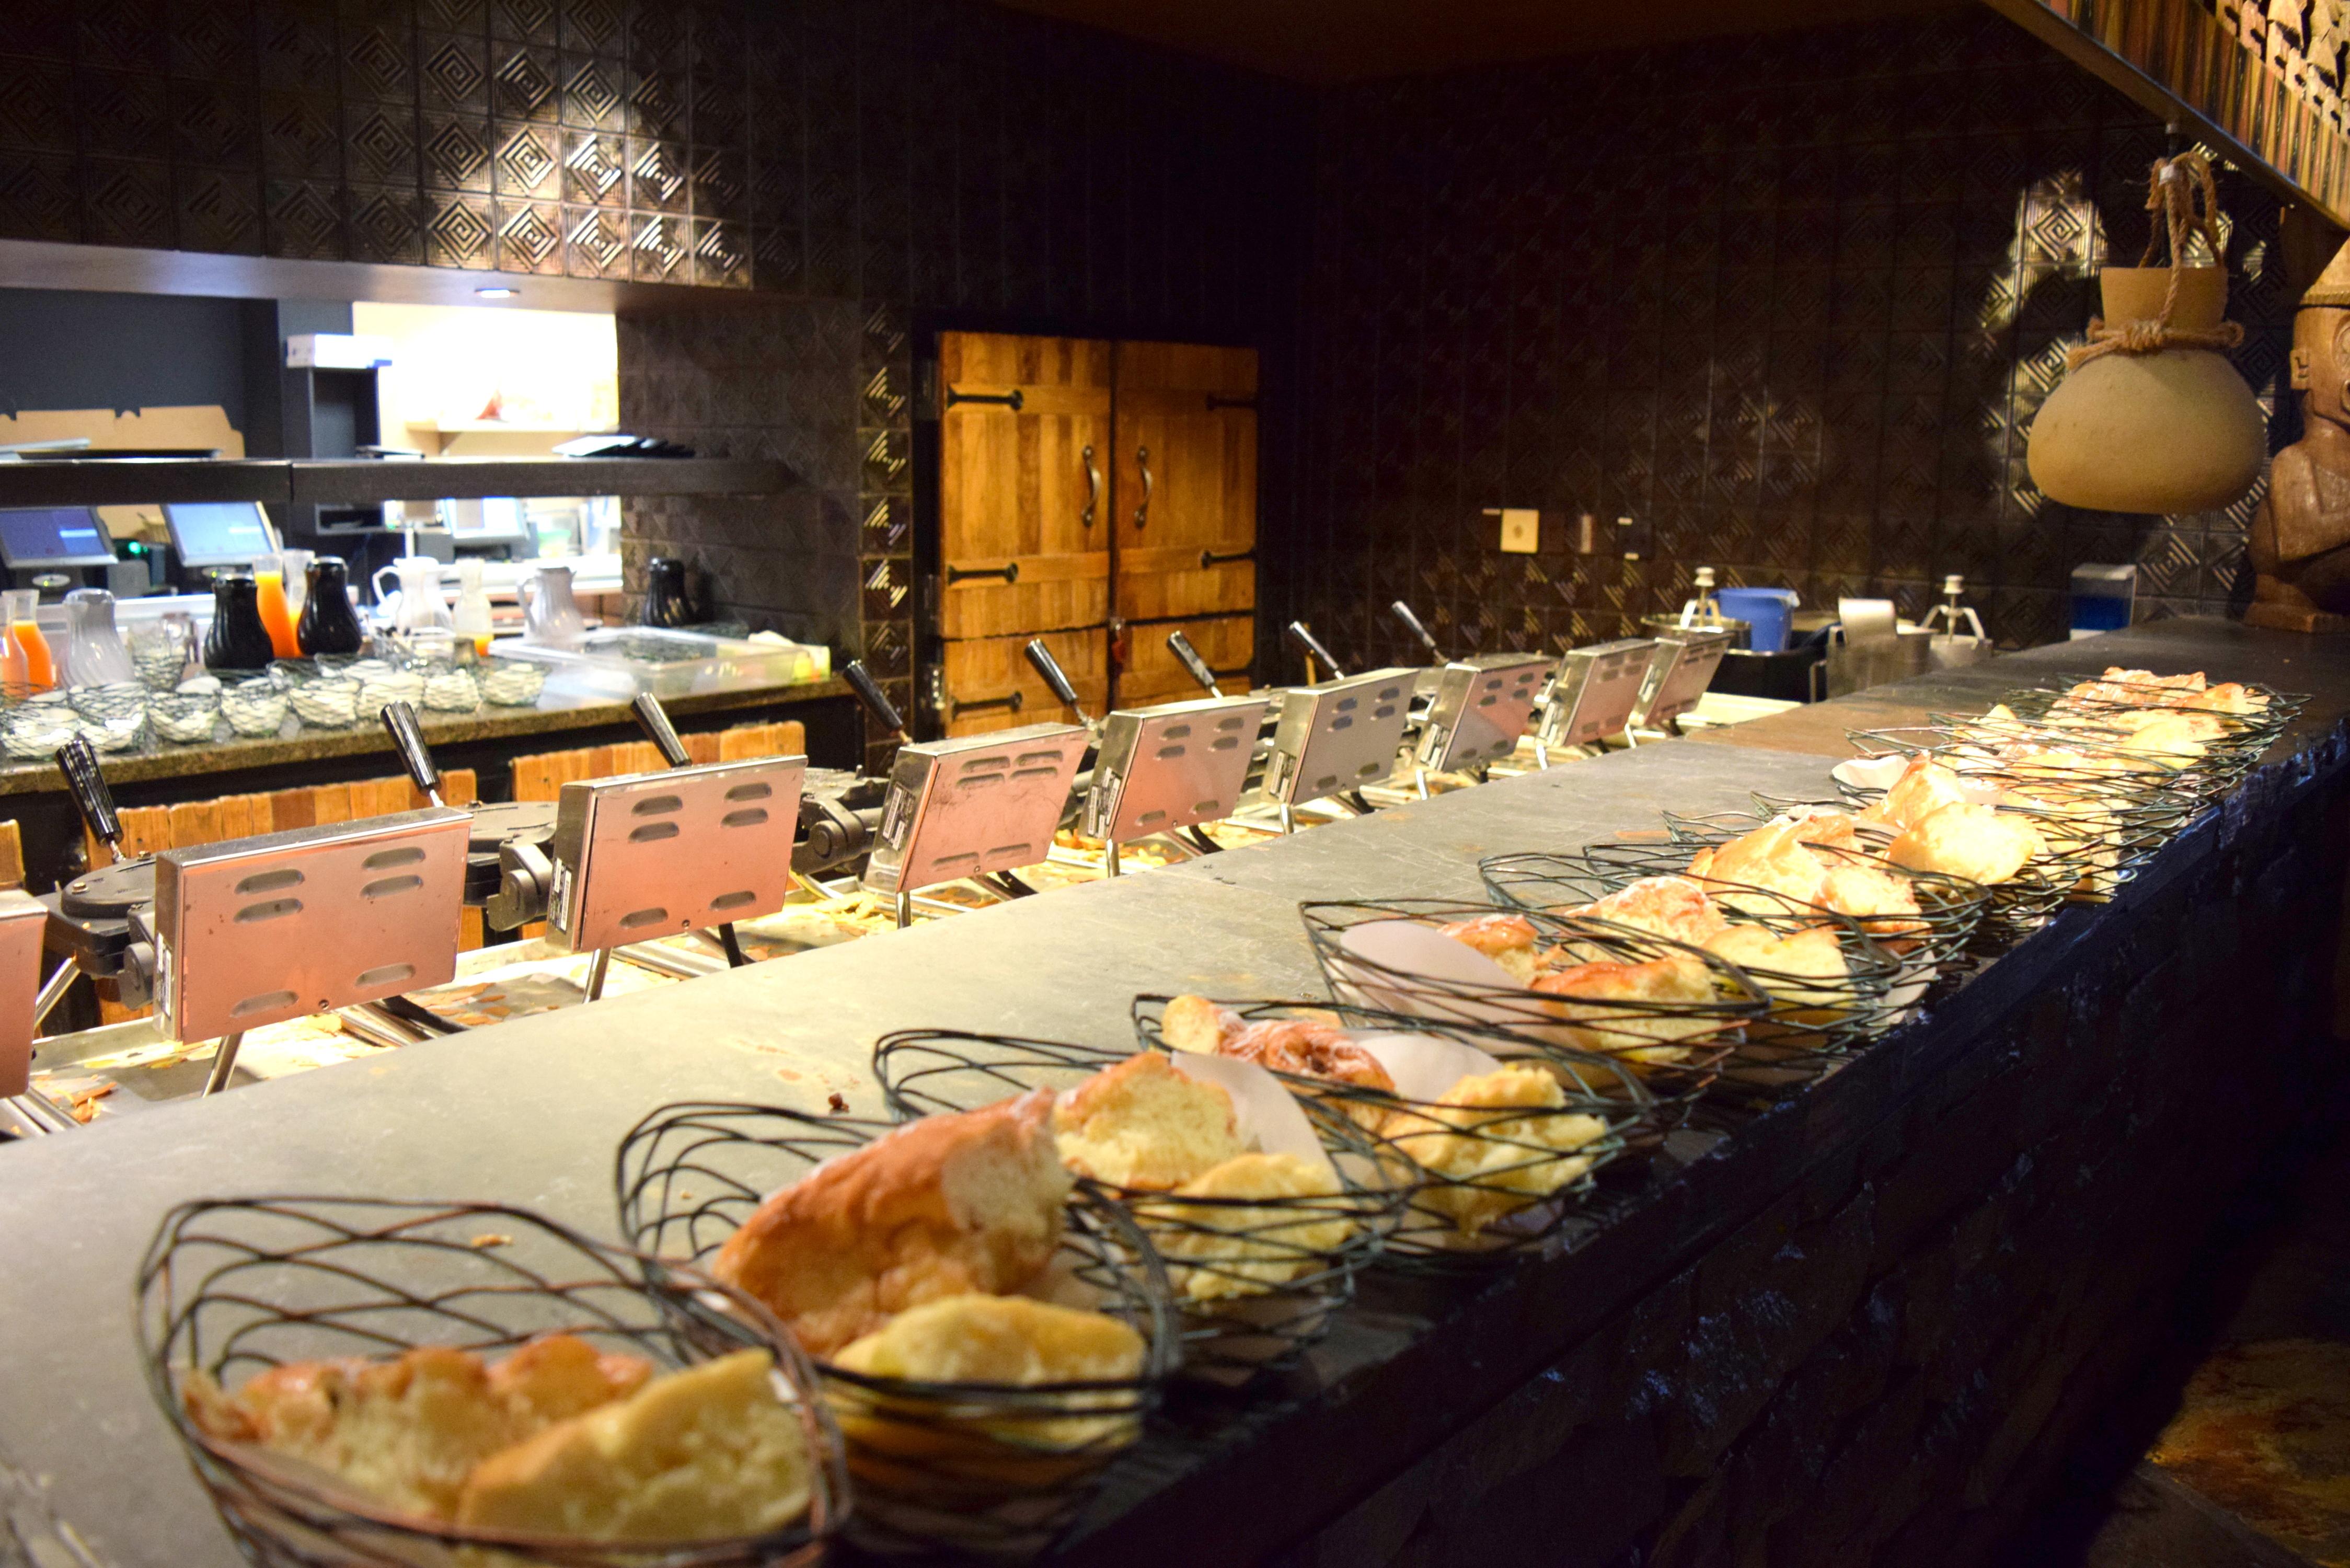 Travessa de pães à disposição no hall de entrada do restaurante. O Cast Member que irá encaminhar sua família para a mesa pega quantas travessas você desejar e leva à sua mesa.